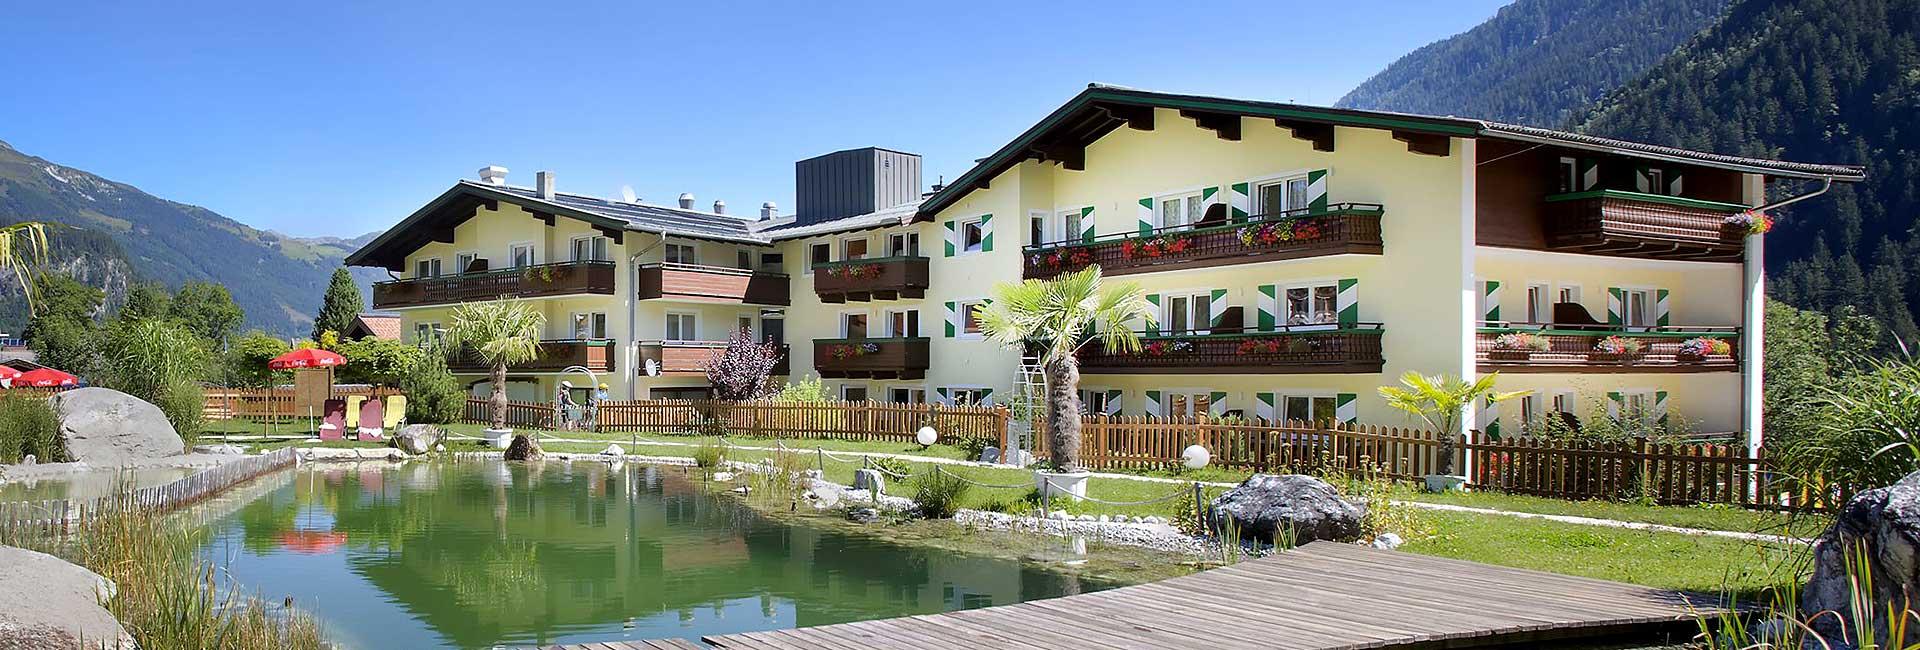 Nationalparkhotel-Klockerhaus-Header